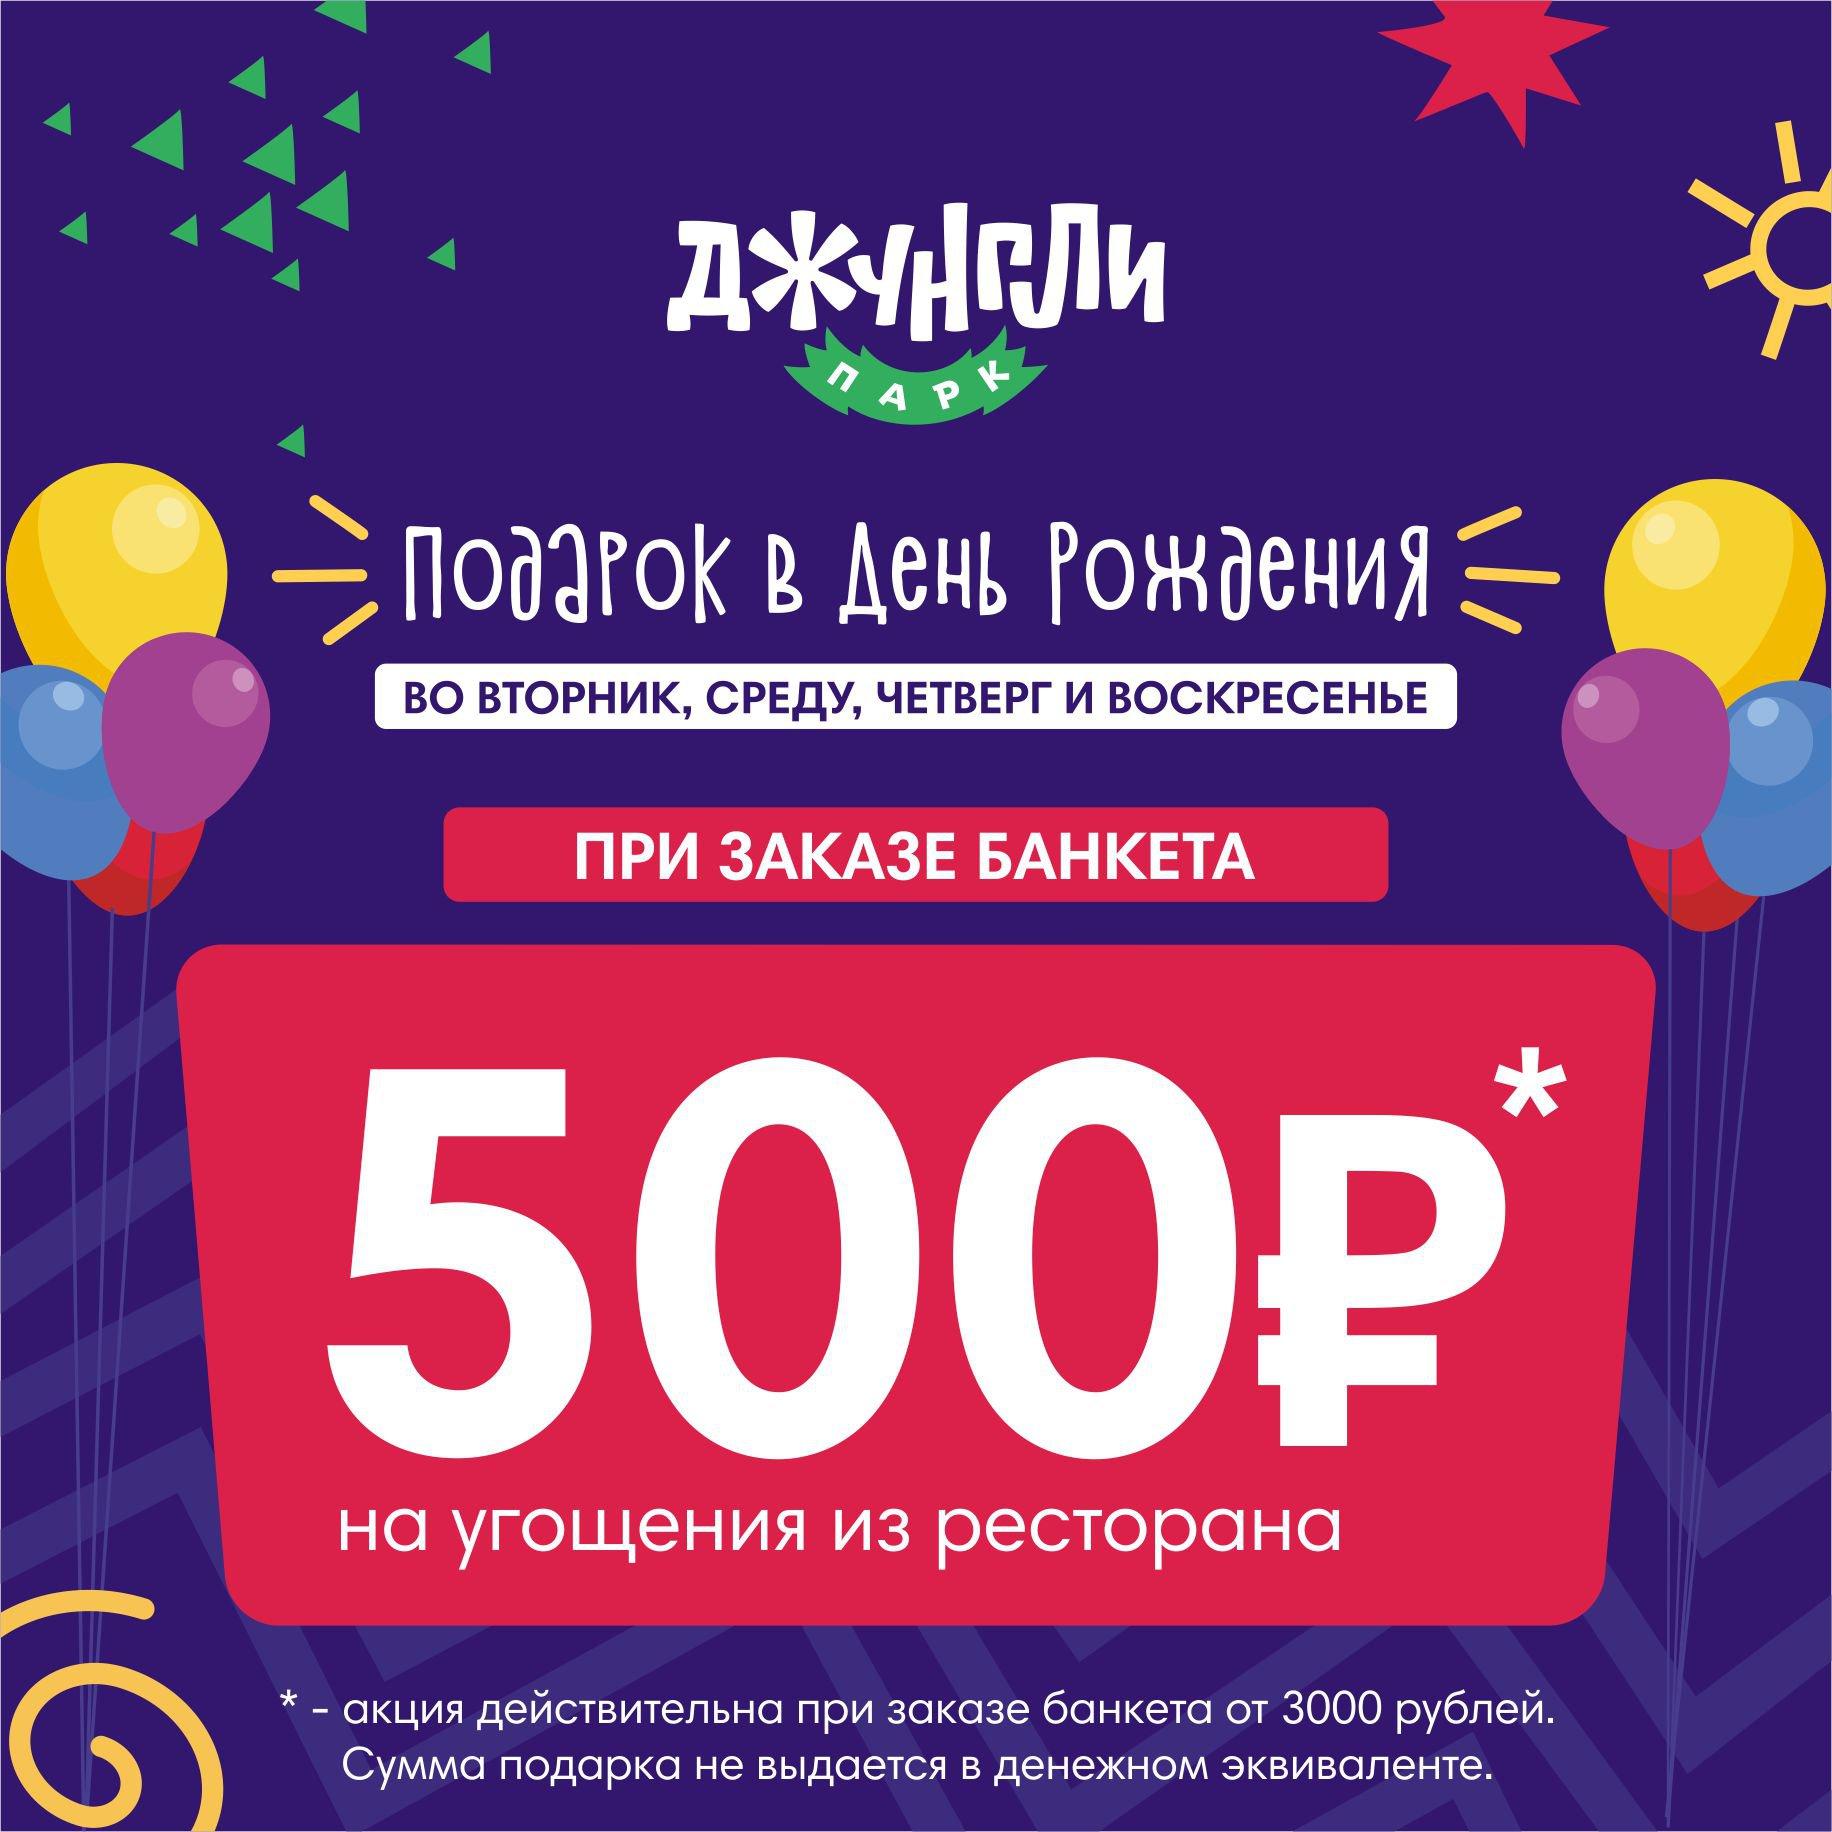 скидка 500р октябрь СОГЛАСОВАНО КВАДРАТ